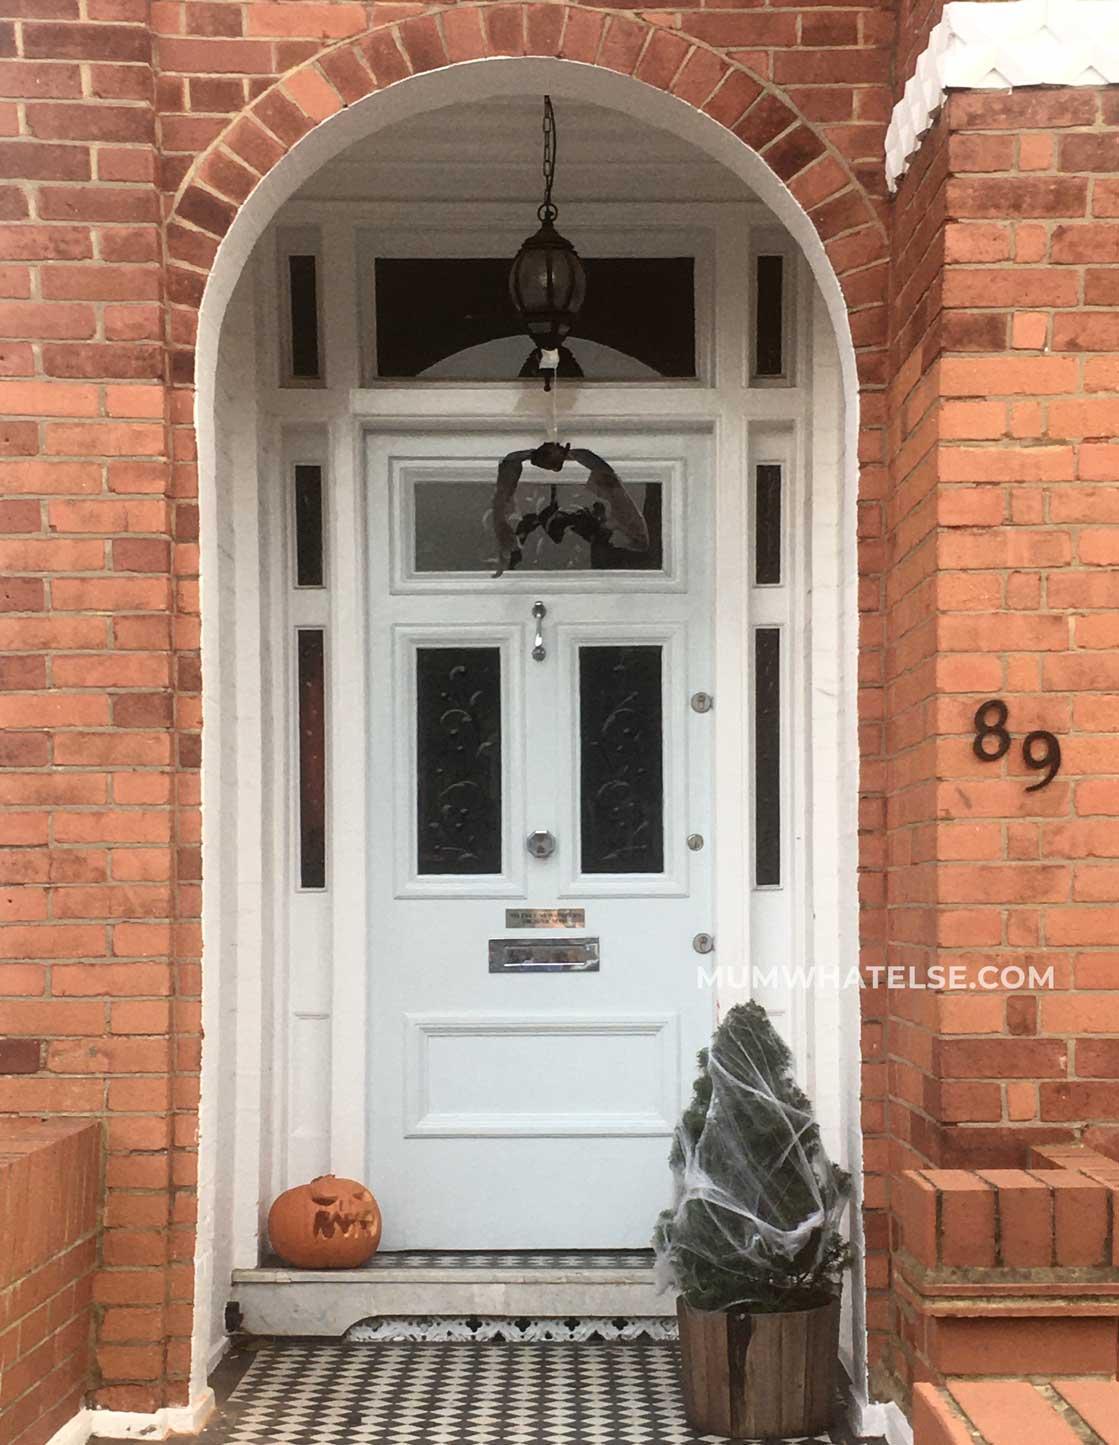 una porta con un lampadario a forma di pipistrello